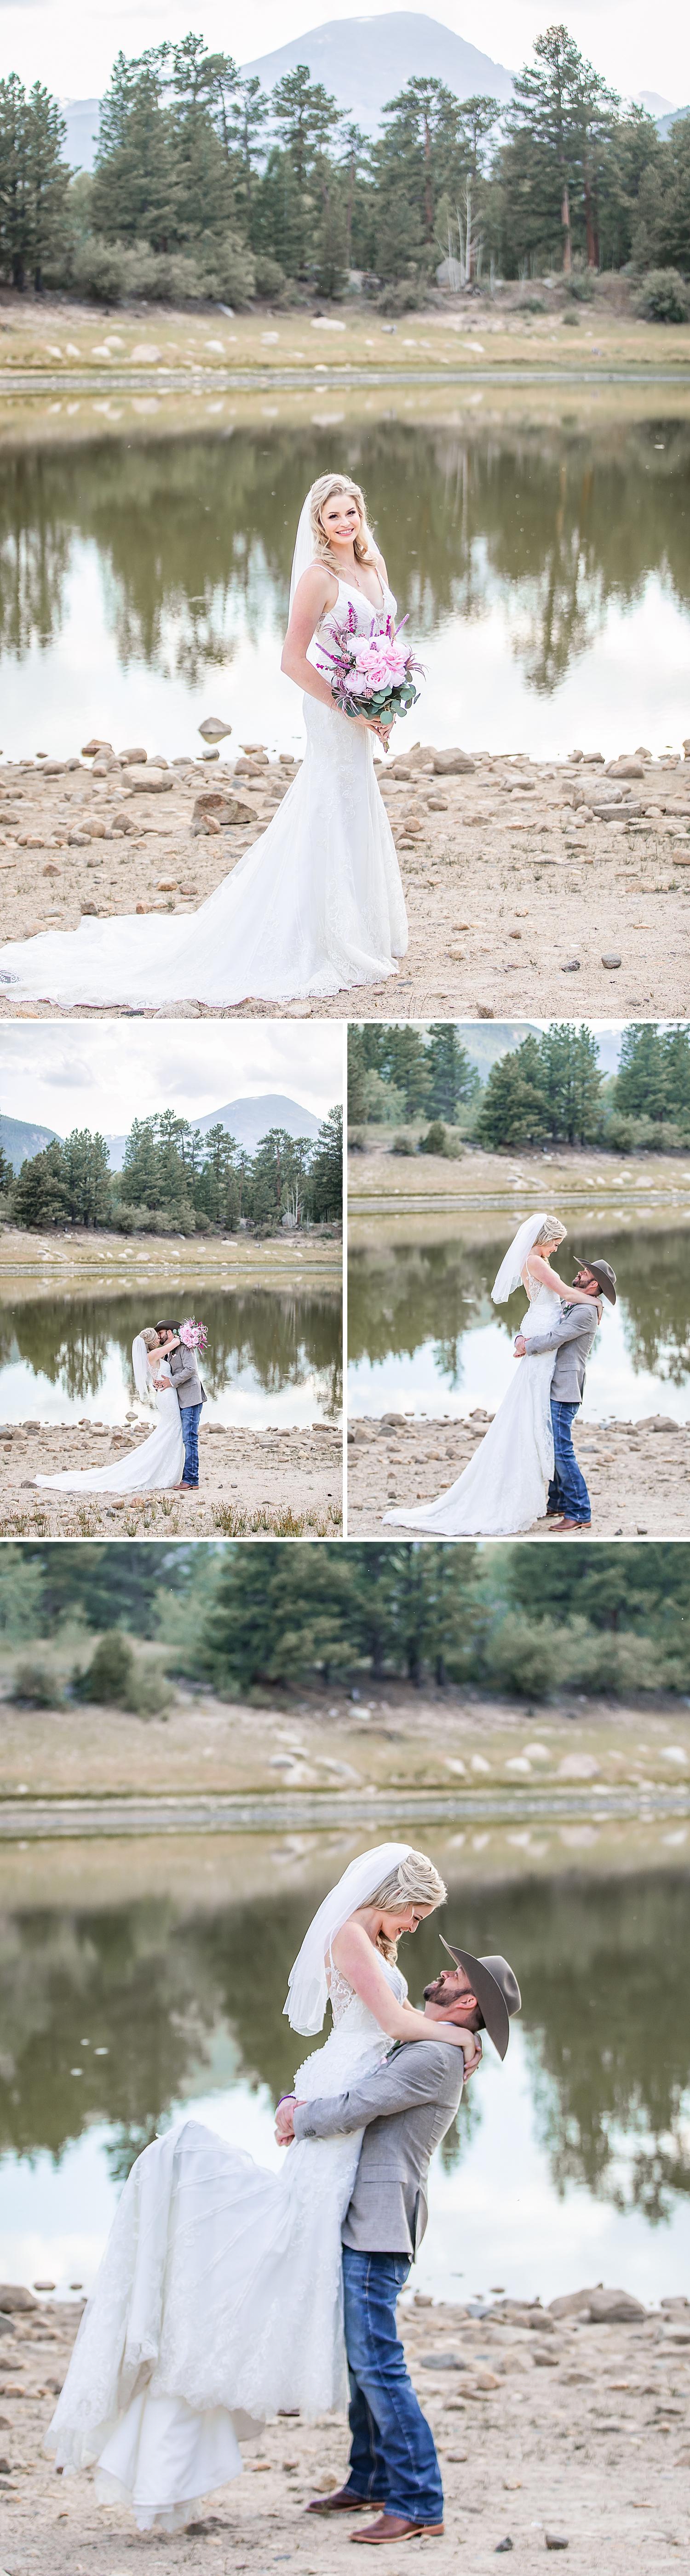 Carly-Barton-Photography-Rocky-Mountain-National-Park-Estes-Park-Wedding-Elopement_0036.jpg